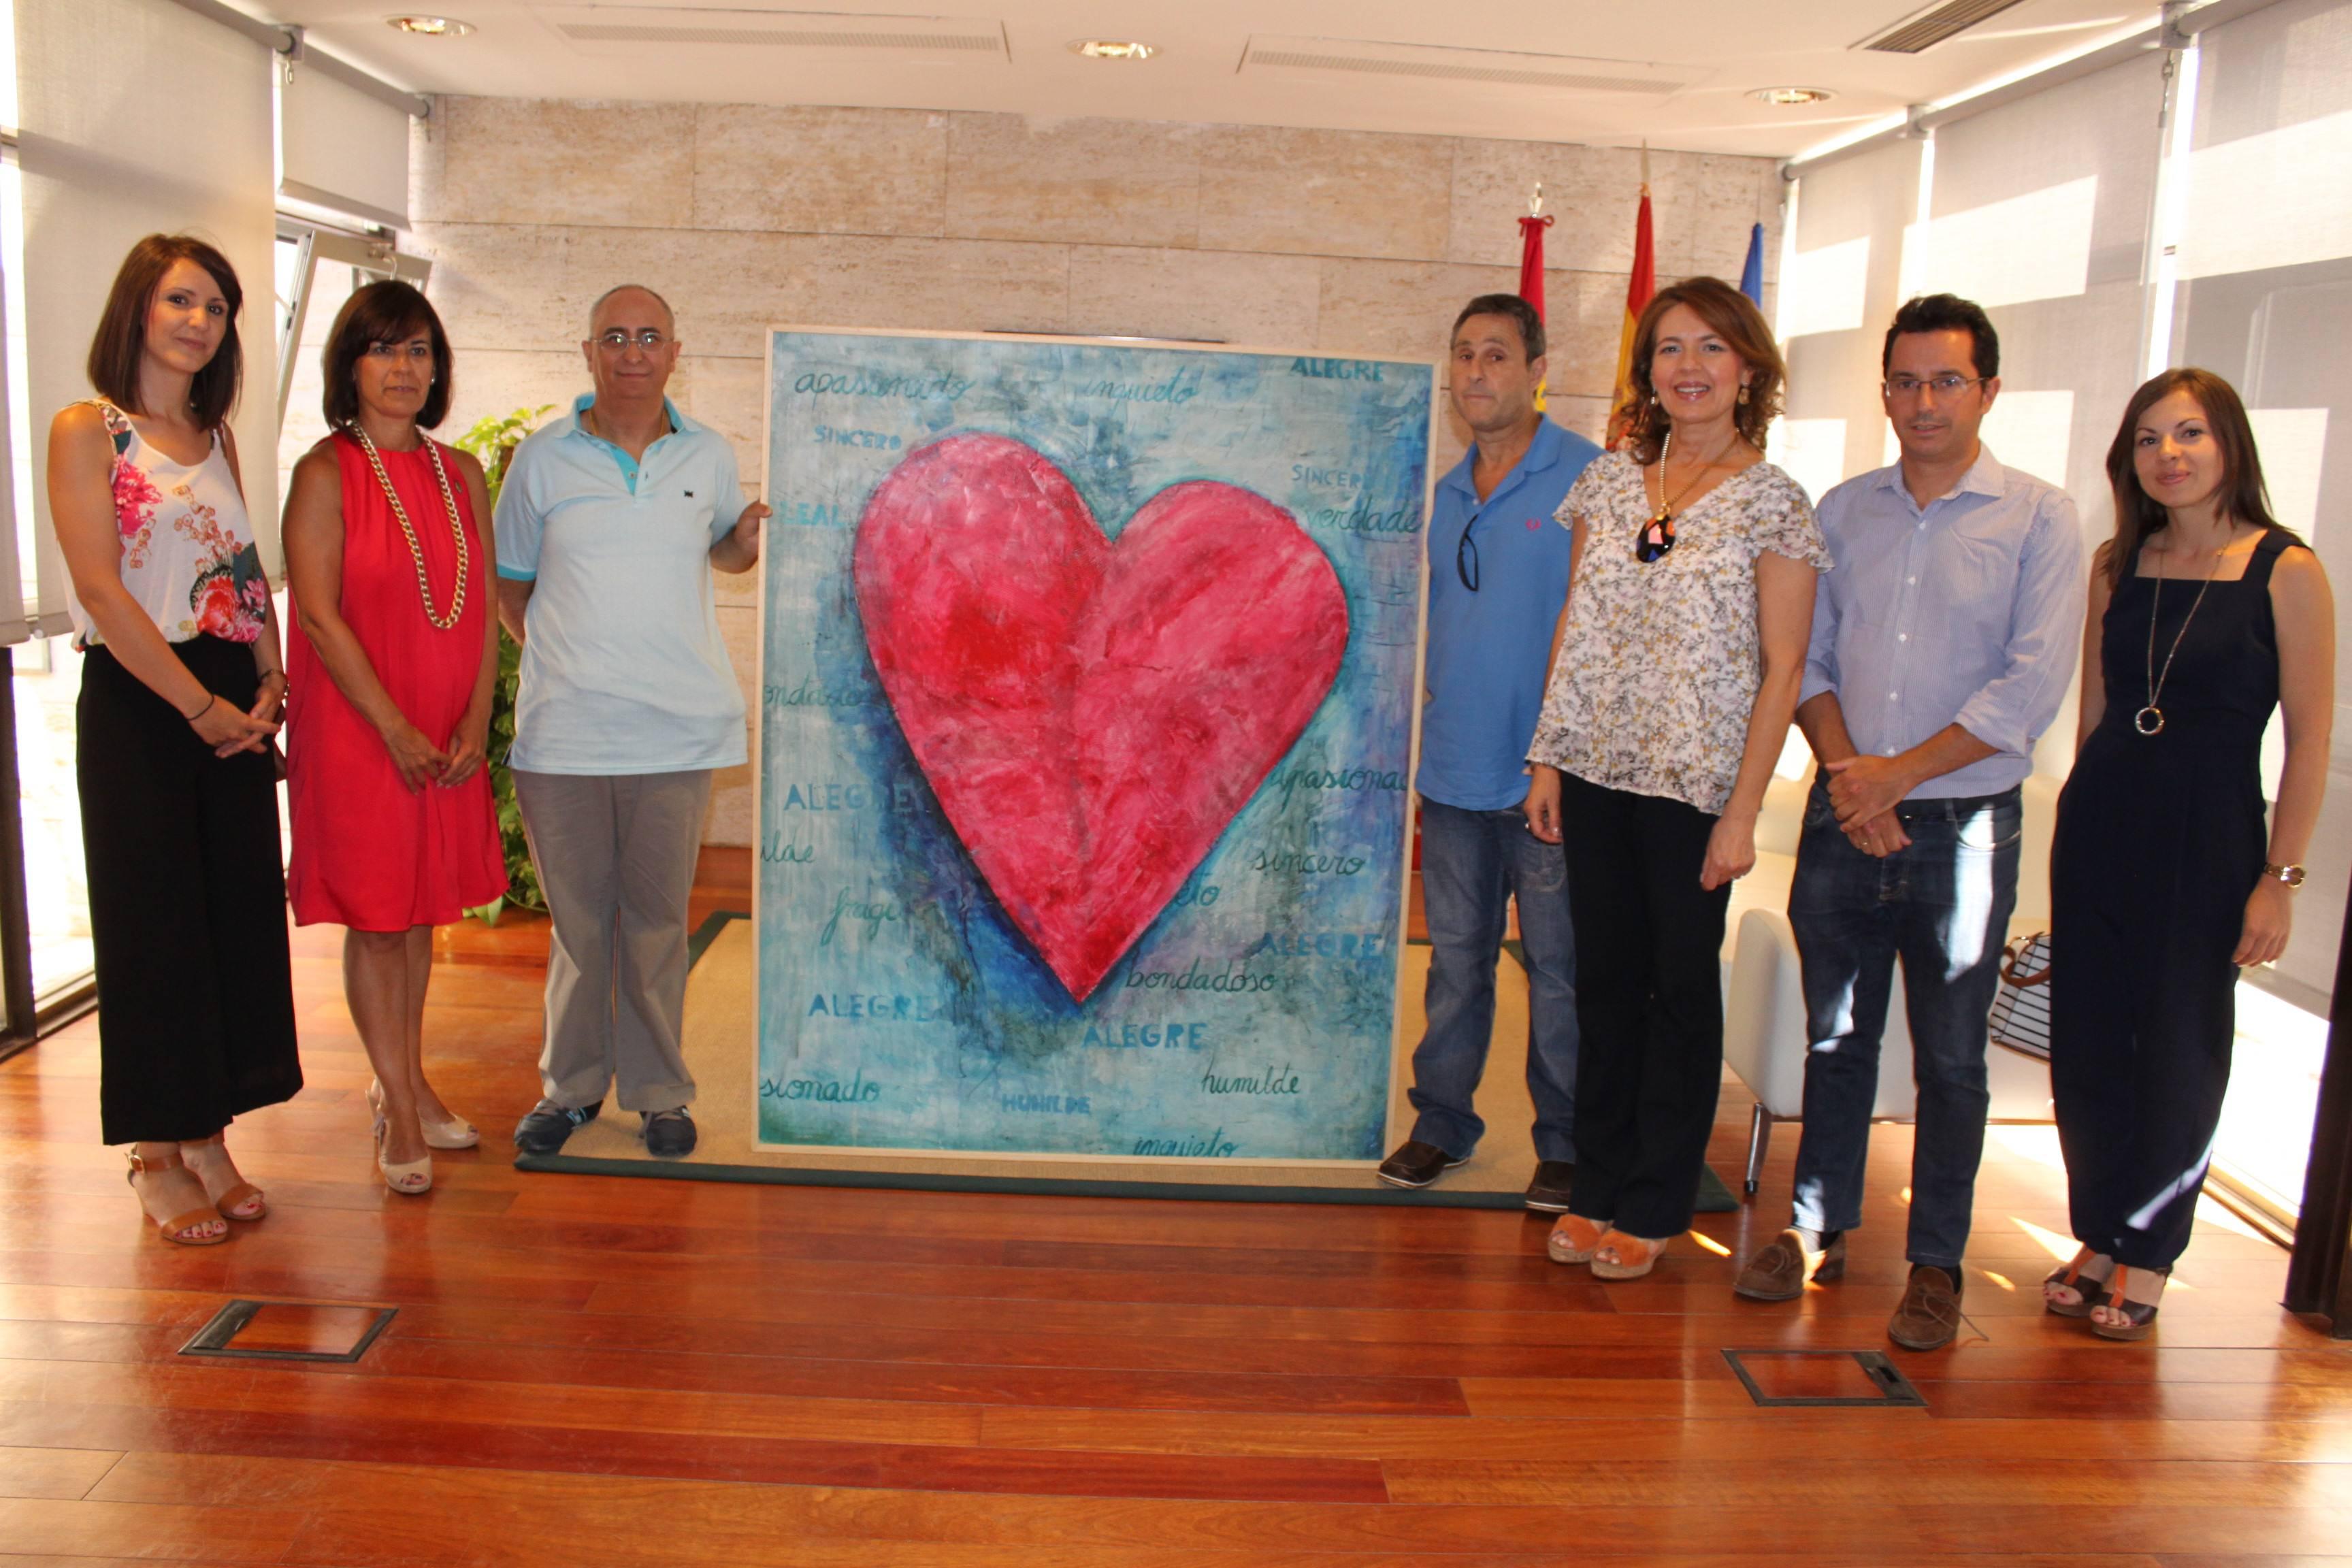 """Valorarte 1 - Apoyo al proyecto de inclusión artística """"Valorarte"""" de Laborvalía"""